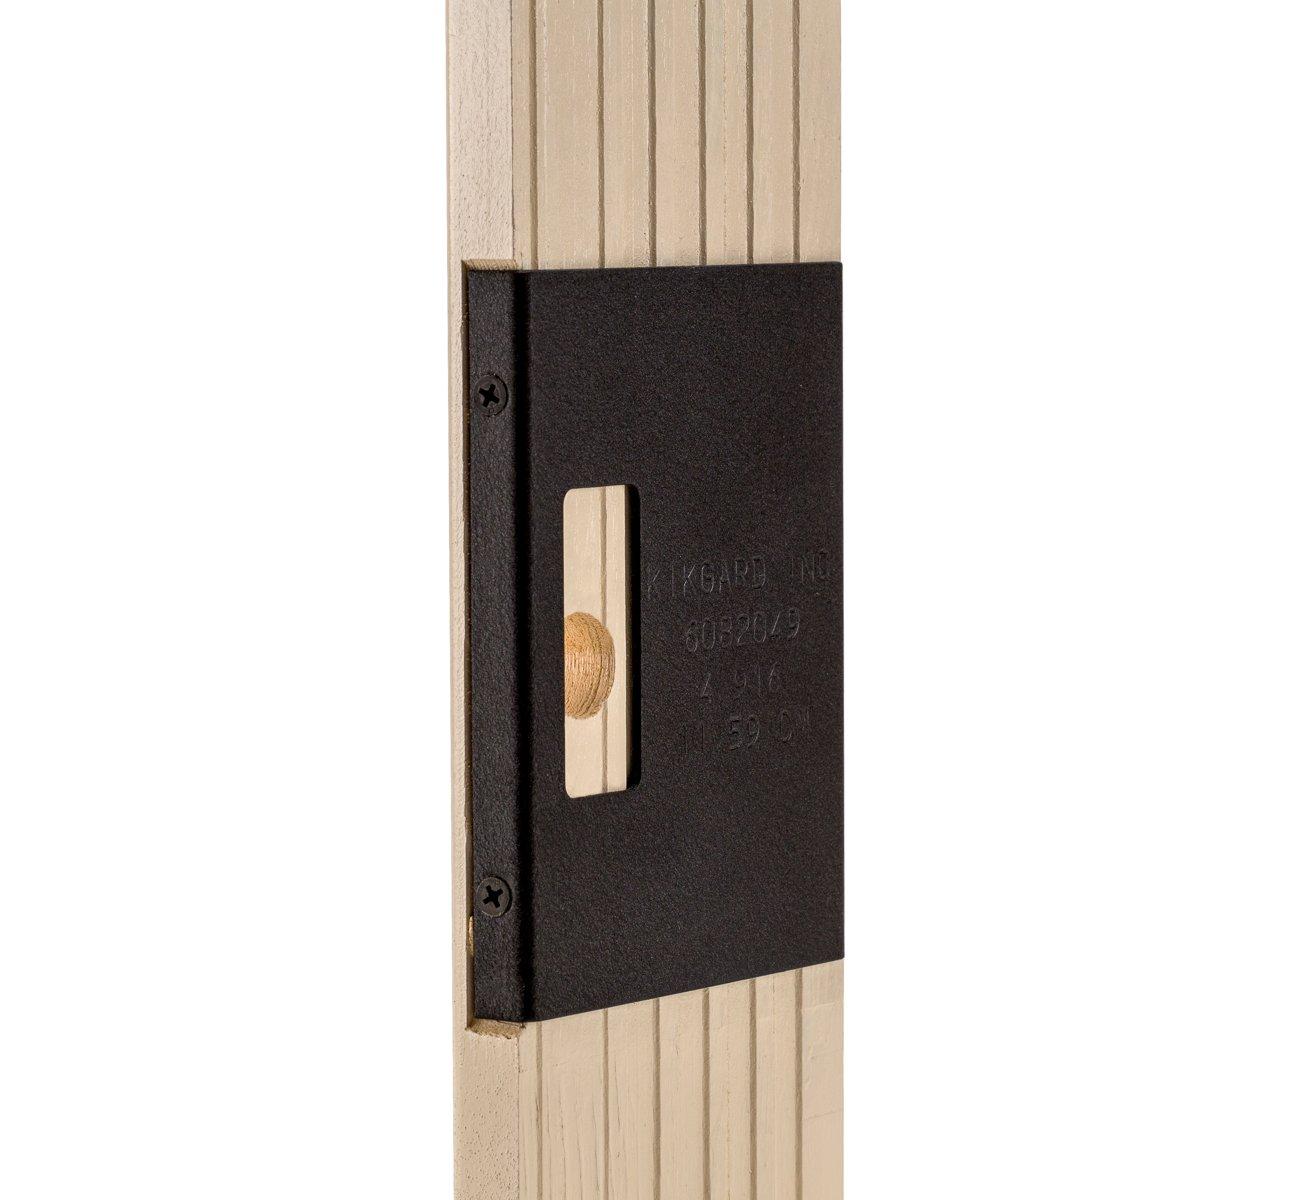 Kikgard Door Guard & Door Jamb Reinforcement Device 4 3/8 Invisible